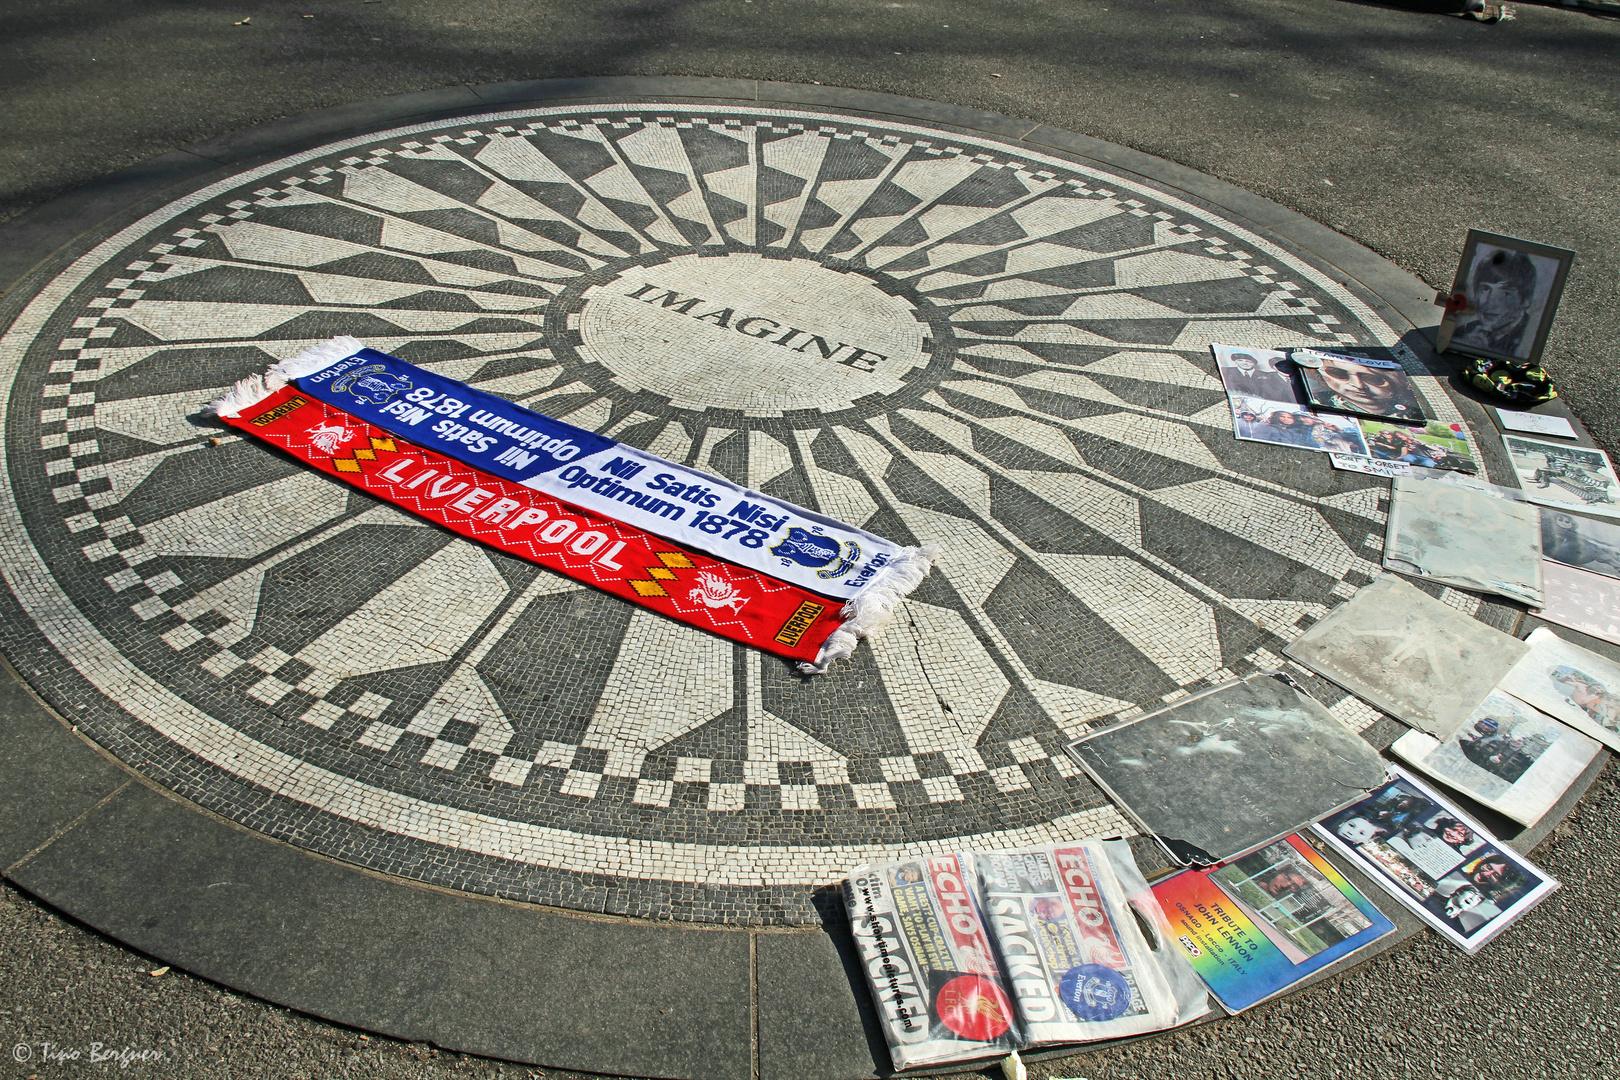 Imagine - Strawberry Fields NYC